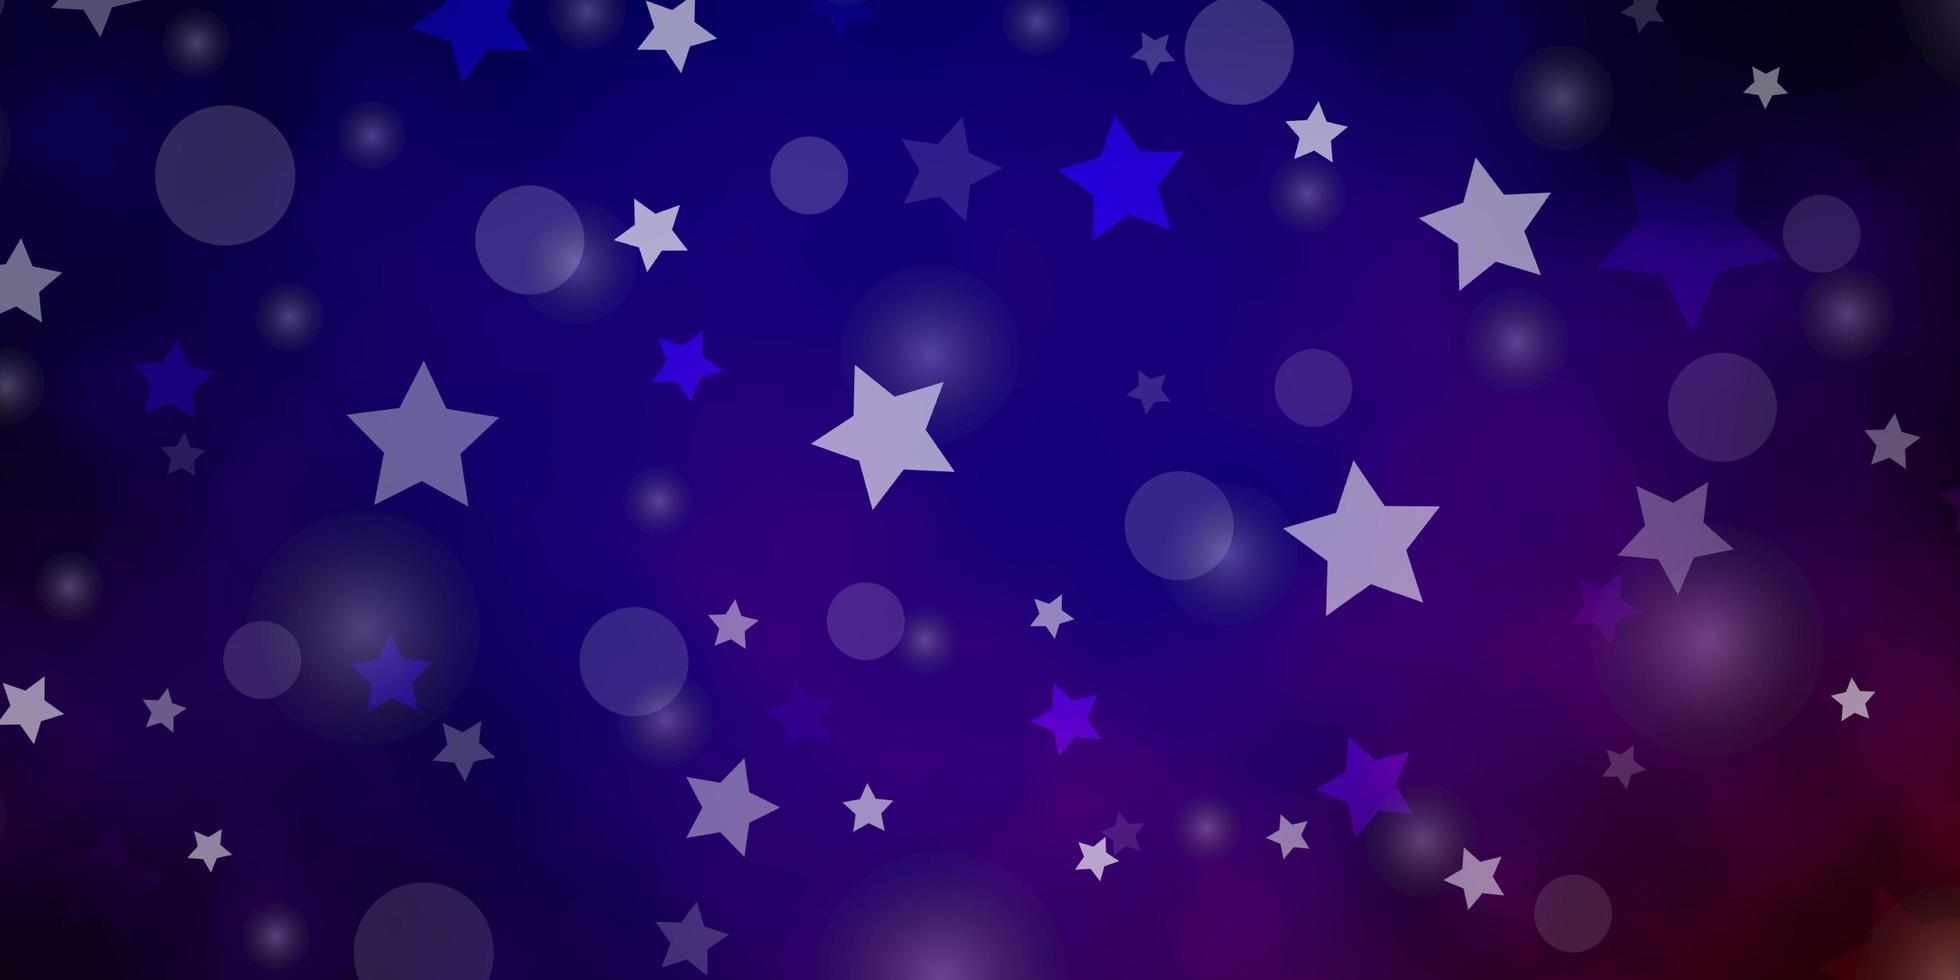 fond de vecteur bleu foncé, rouge avec des cercles, des étoiles.